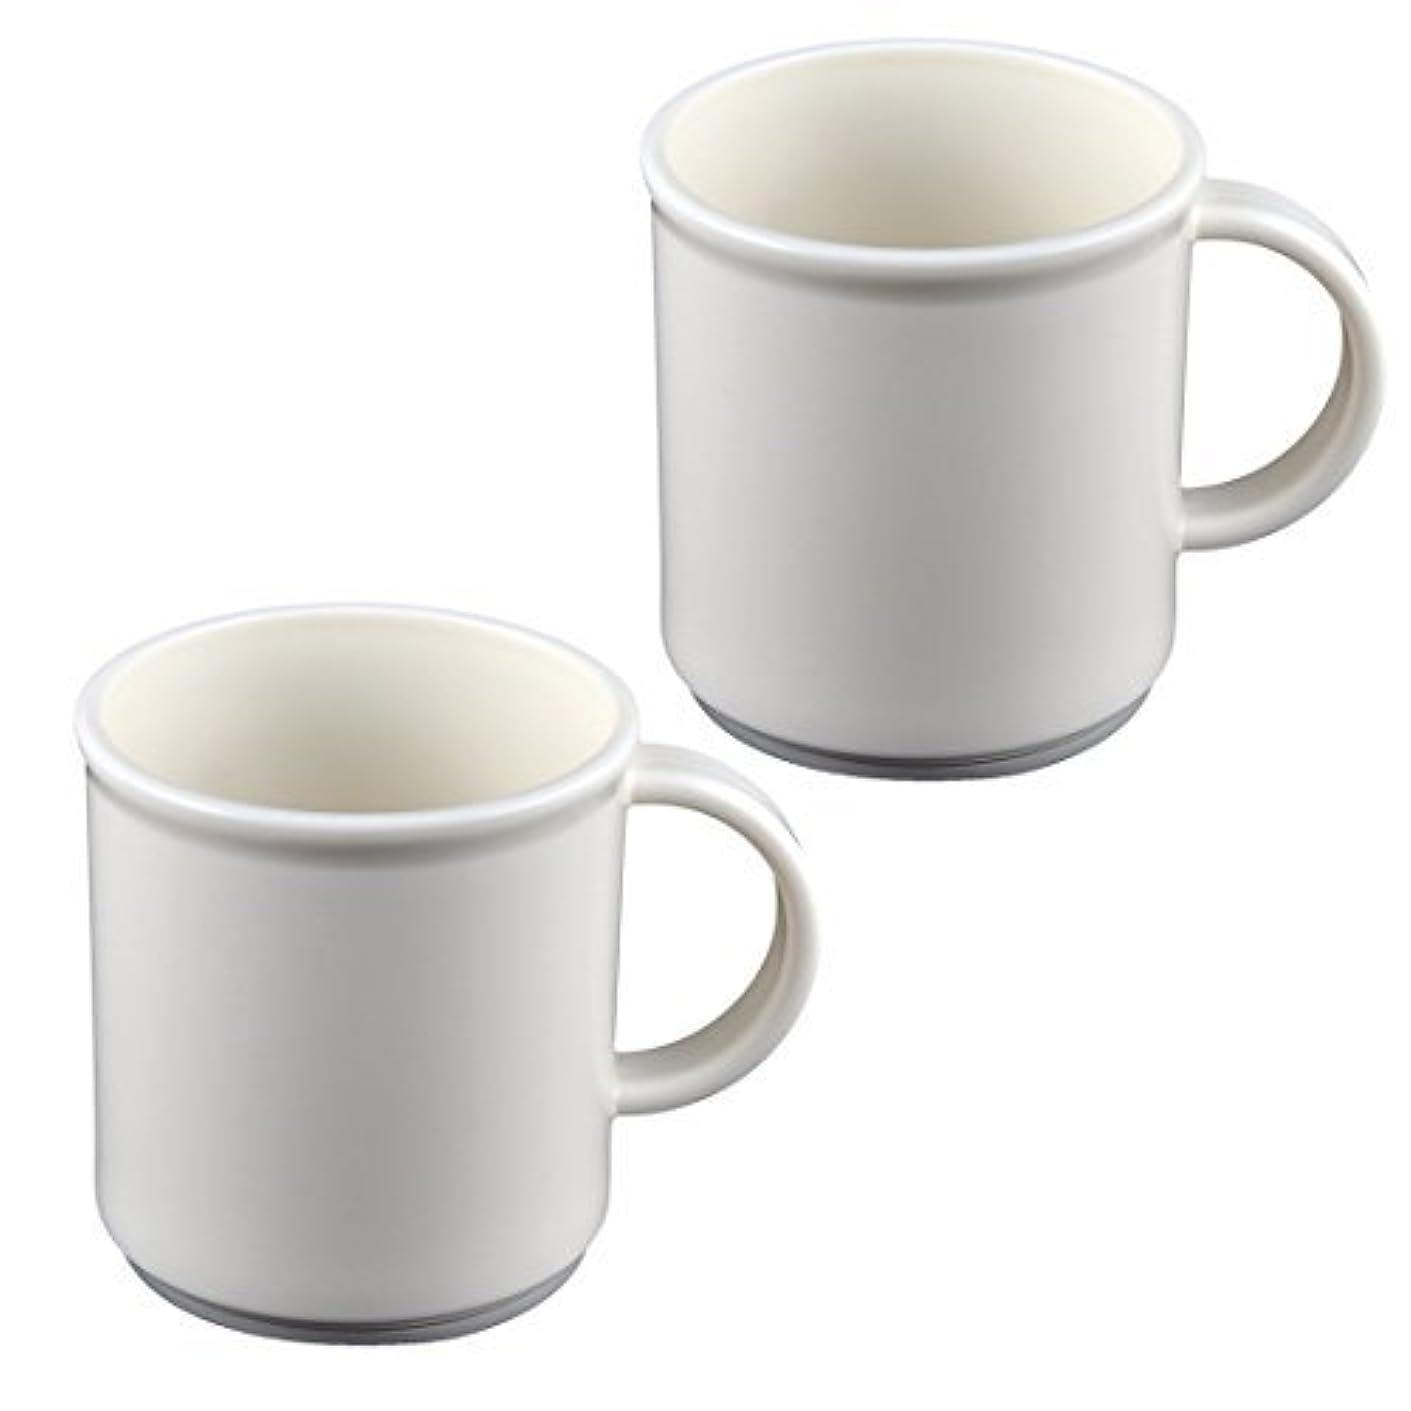 早める掻く落胆したDealMuxバスアクセサリーブラシカップ歯ブラシ歯磨き粉ホルダー2個ホワイト